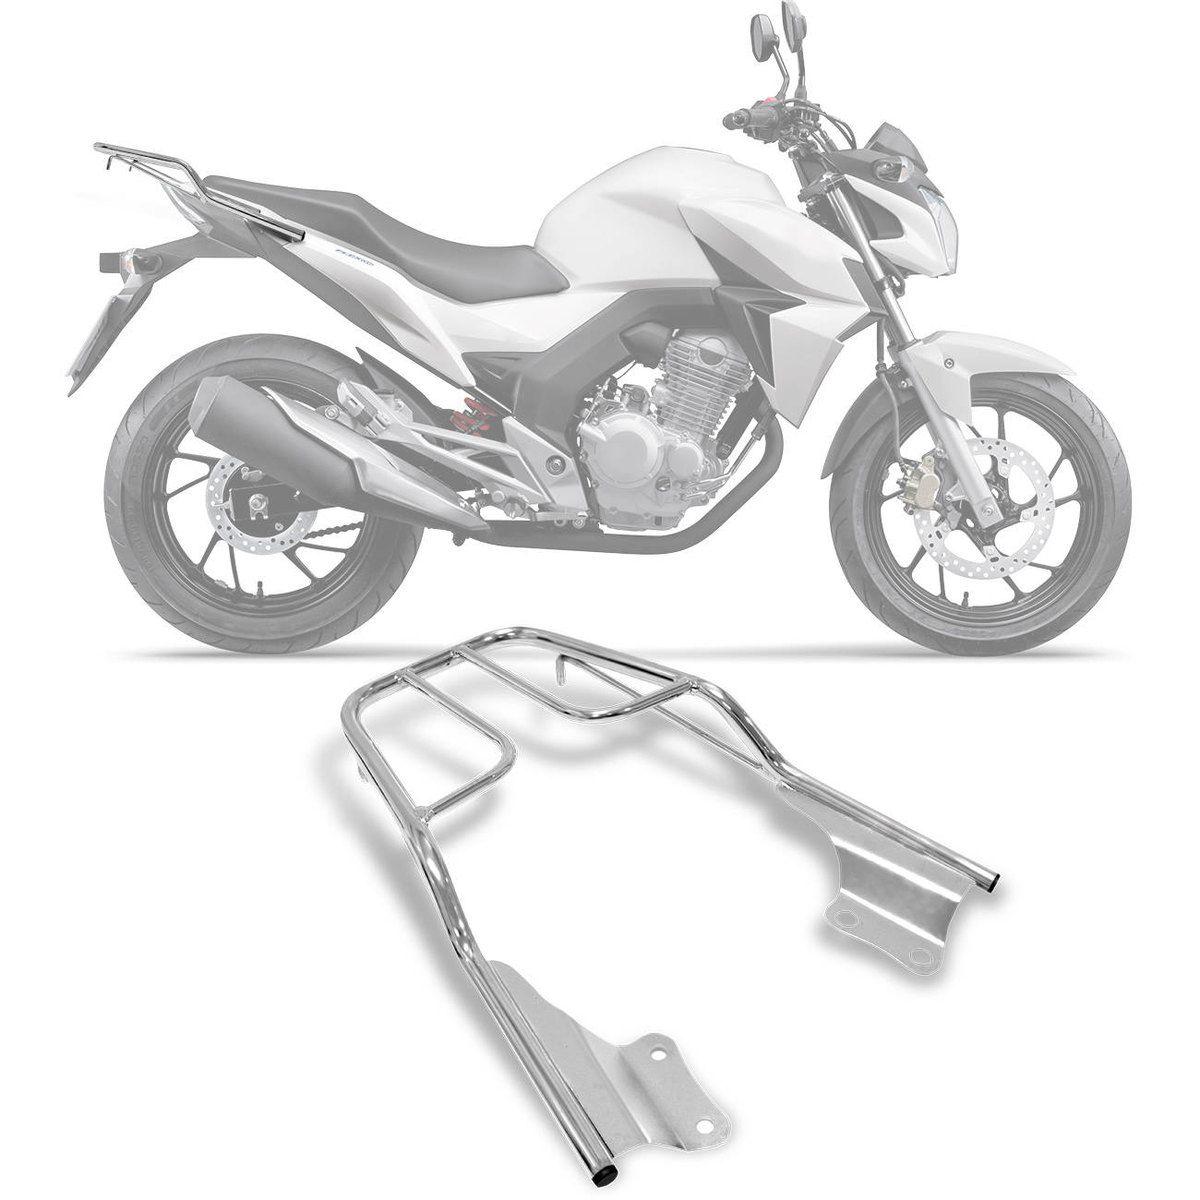 Bagageiro Suporte Honda CB 250 Twister 2015 - Sansão - Cromado - Pro Tork